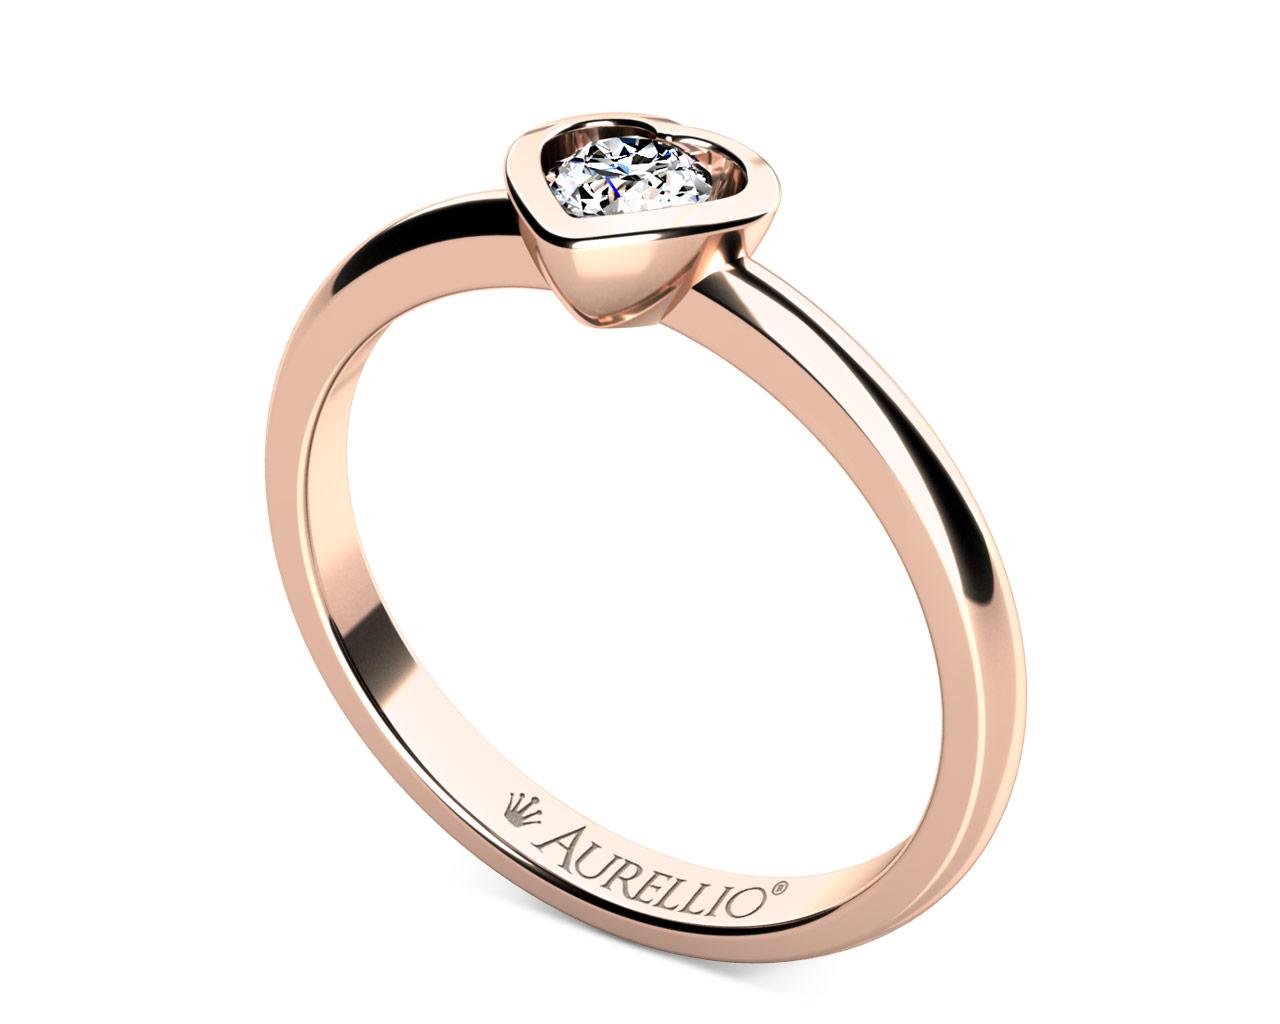 Zásnubní prsten - Hvězda Tania 1. fotka